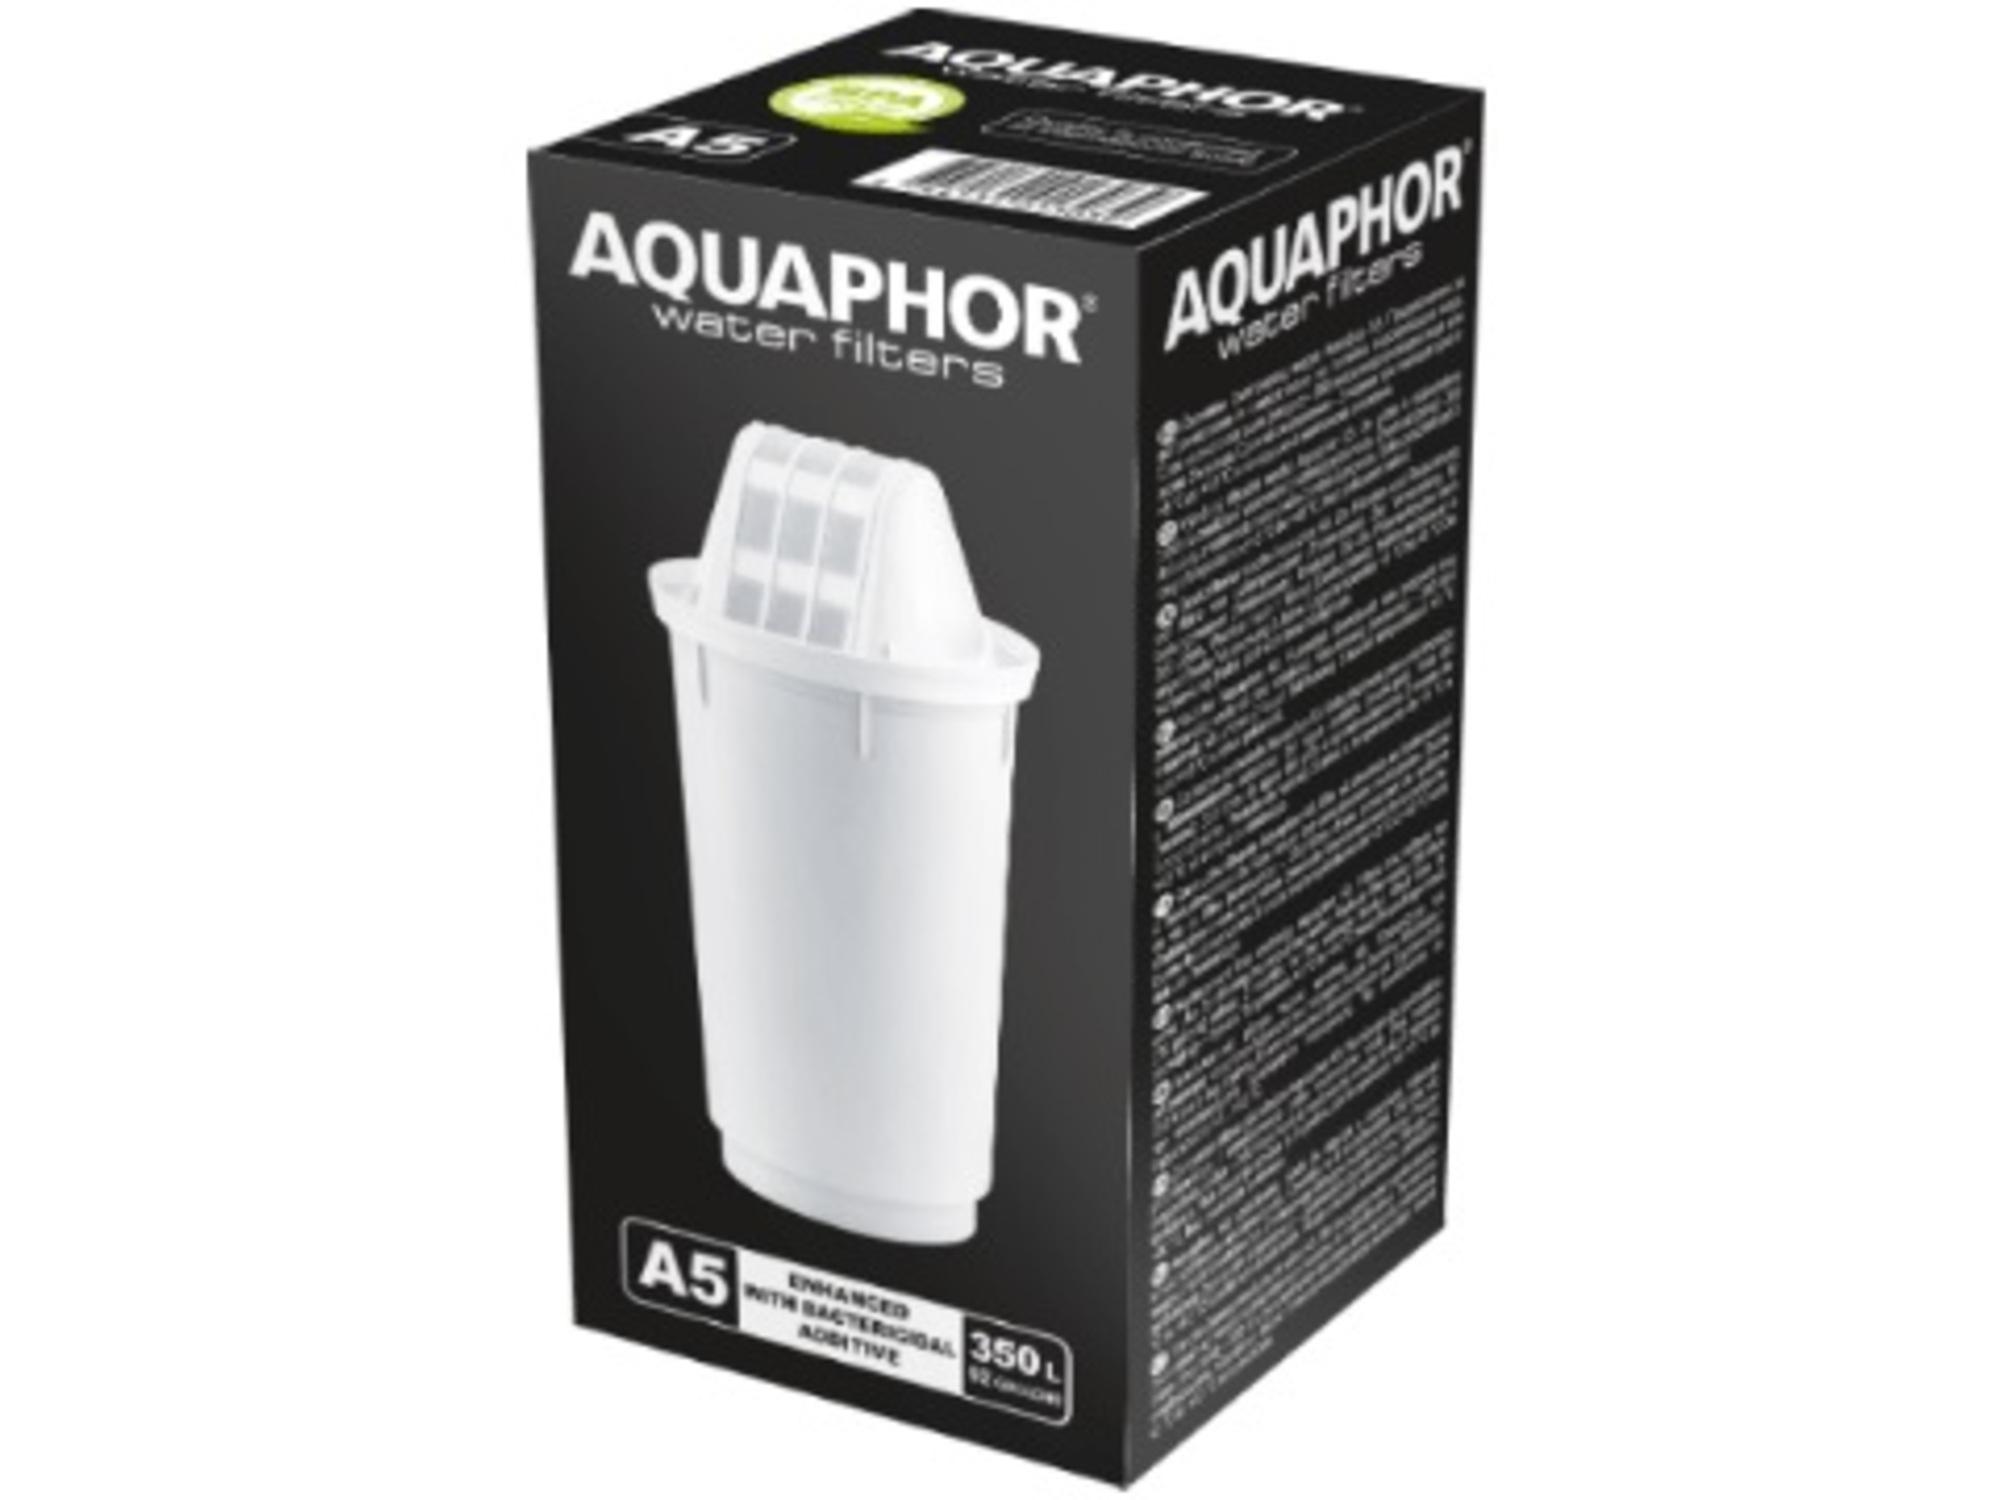 Aquaphor Uložak Akvafor A 5 349